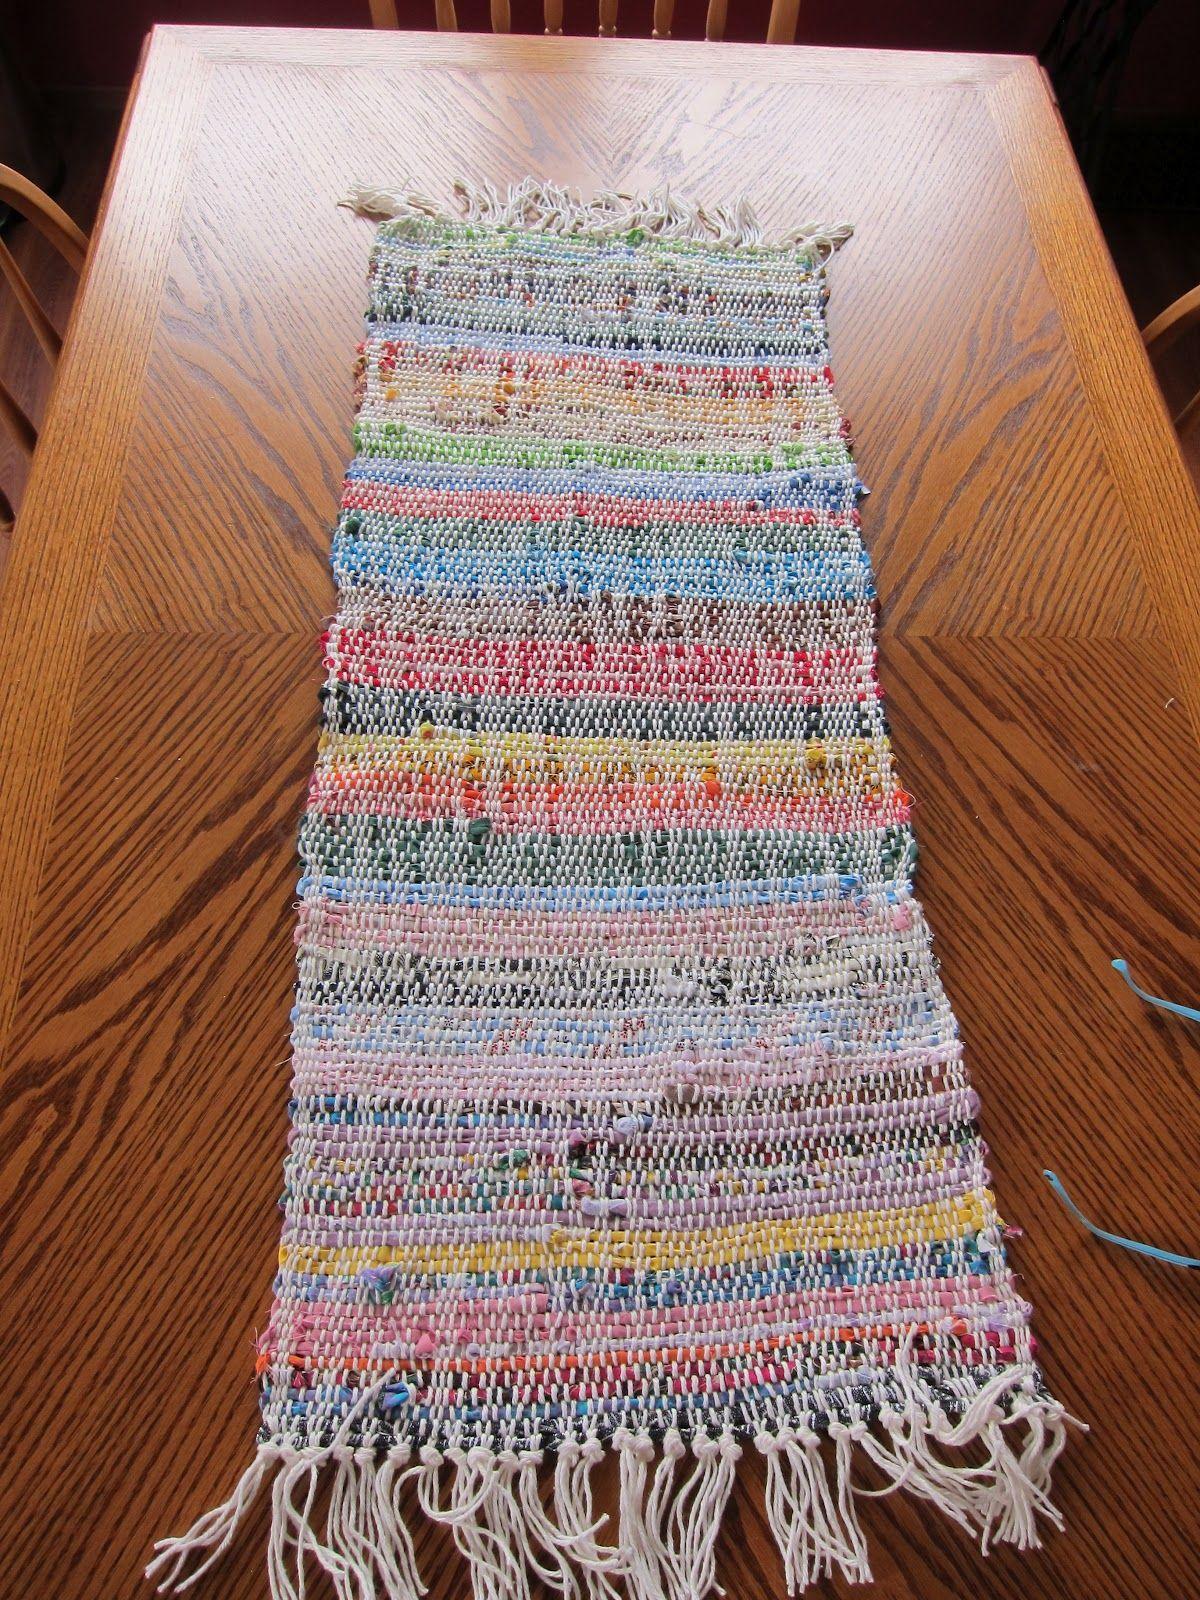 Rag Weaving With A Rigid Heddle Loom Rigid Heddle Weaving Basket Weaving Patterns Heddle Loom